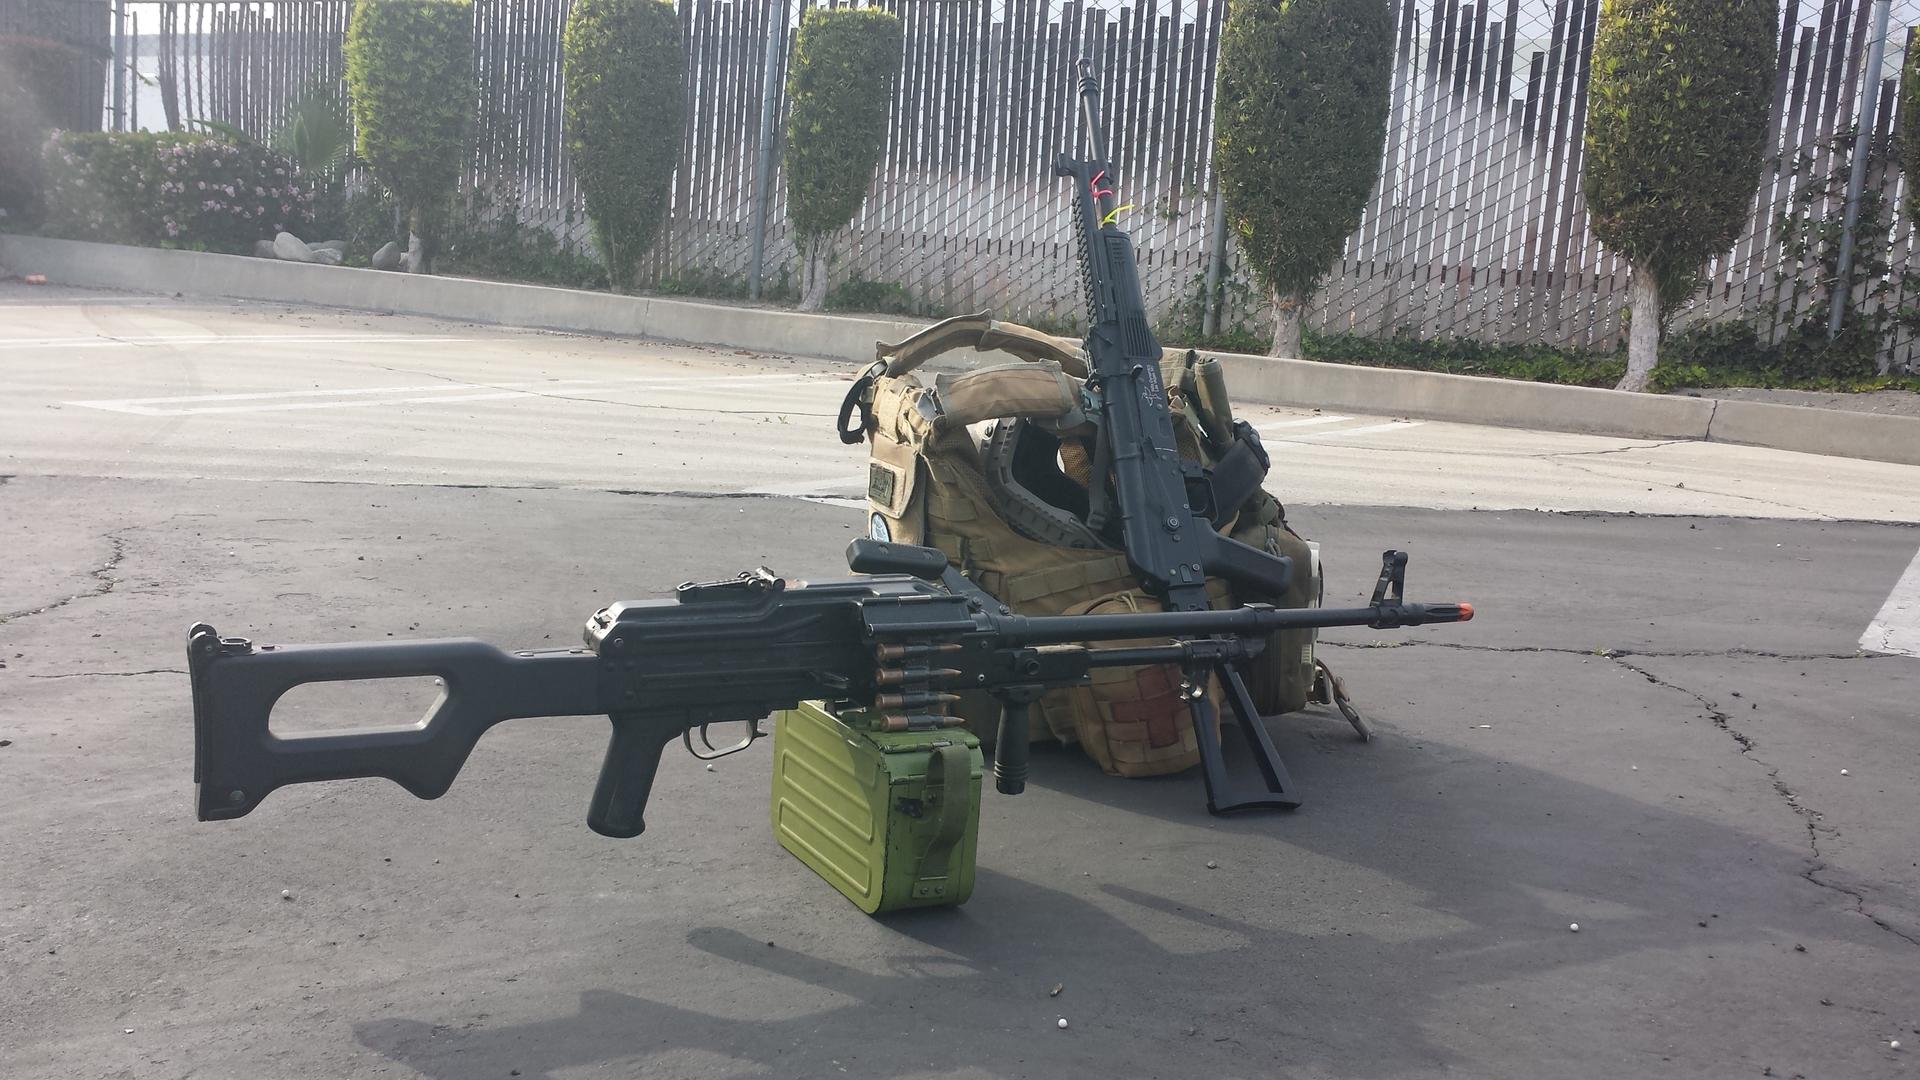 Weapon, Gun, Military, Army, War